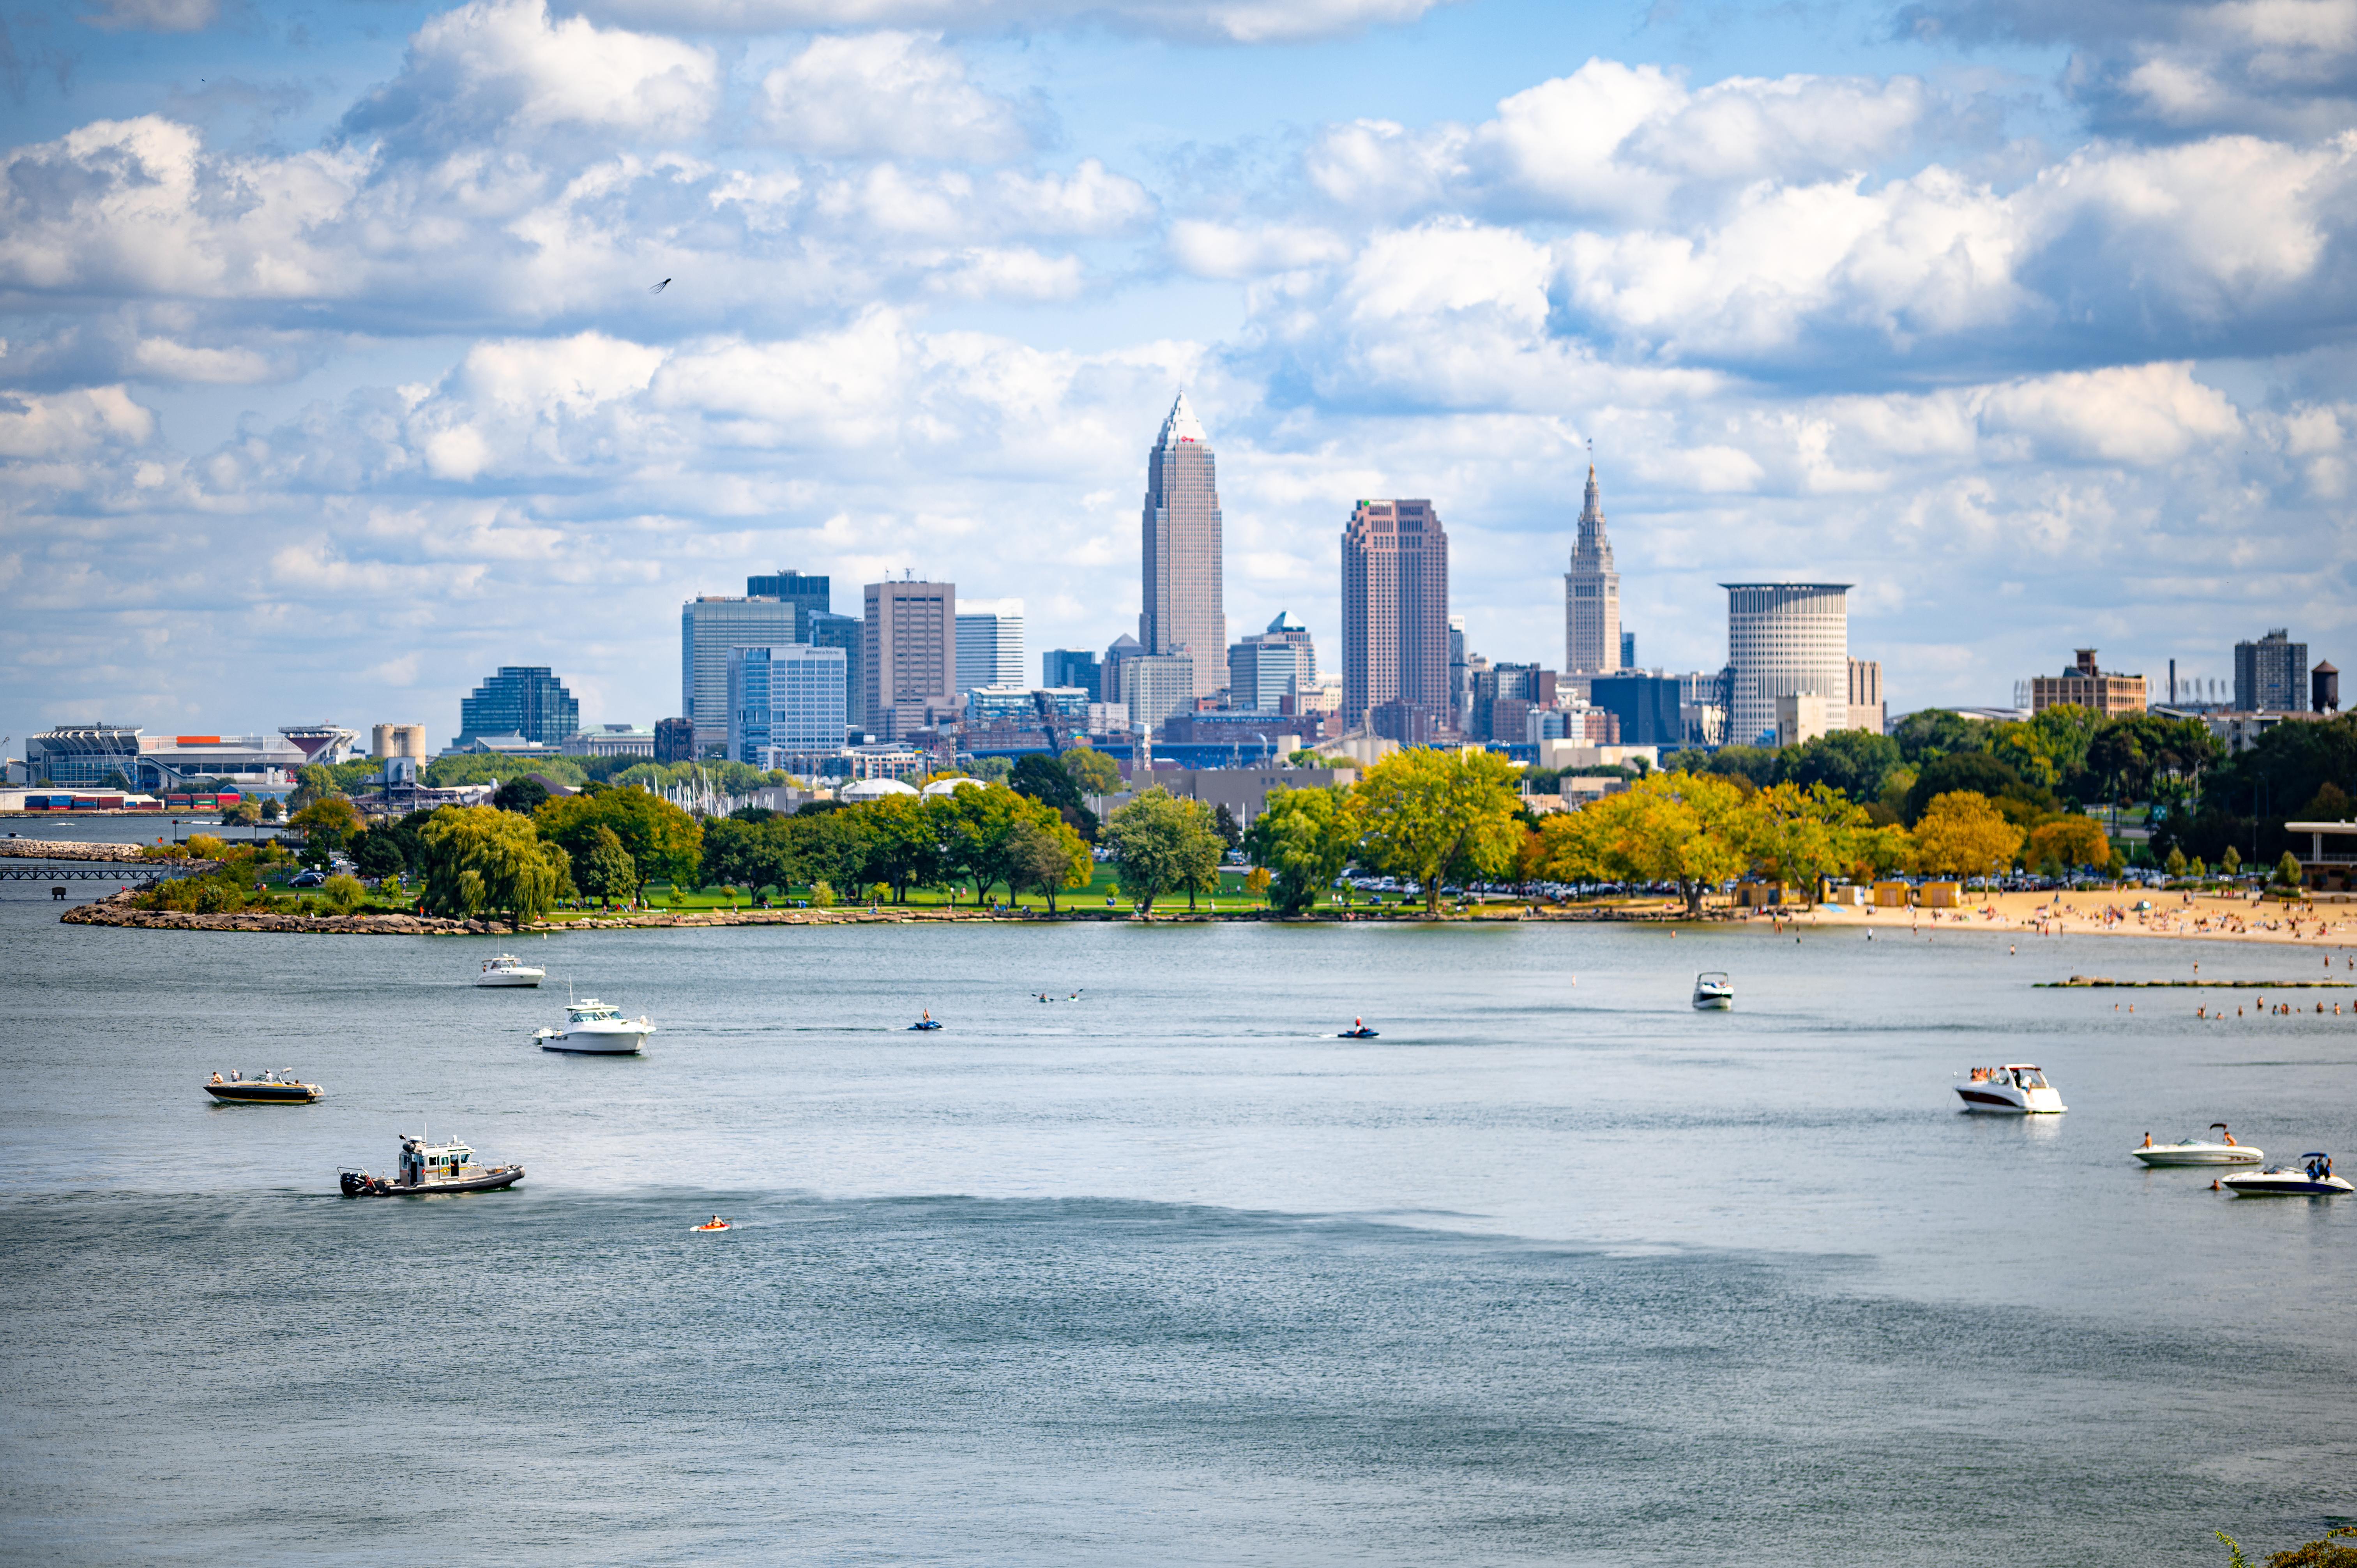 122133 Заставки и Обои Лодки на телефон. Скачать Город, Река, Здания, Лодки, Вода, Города картинки бесплатно